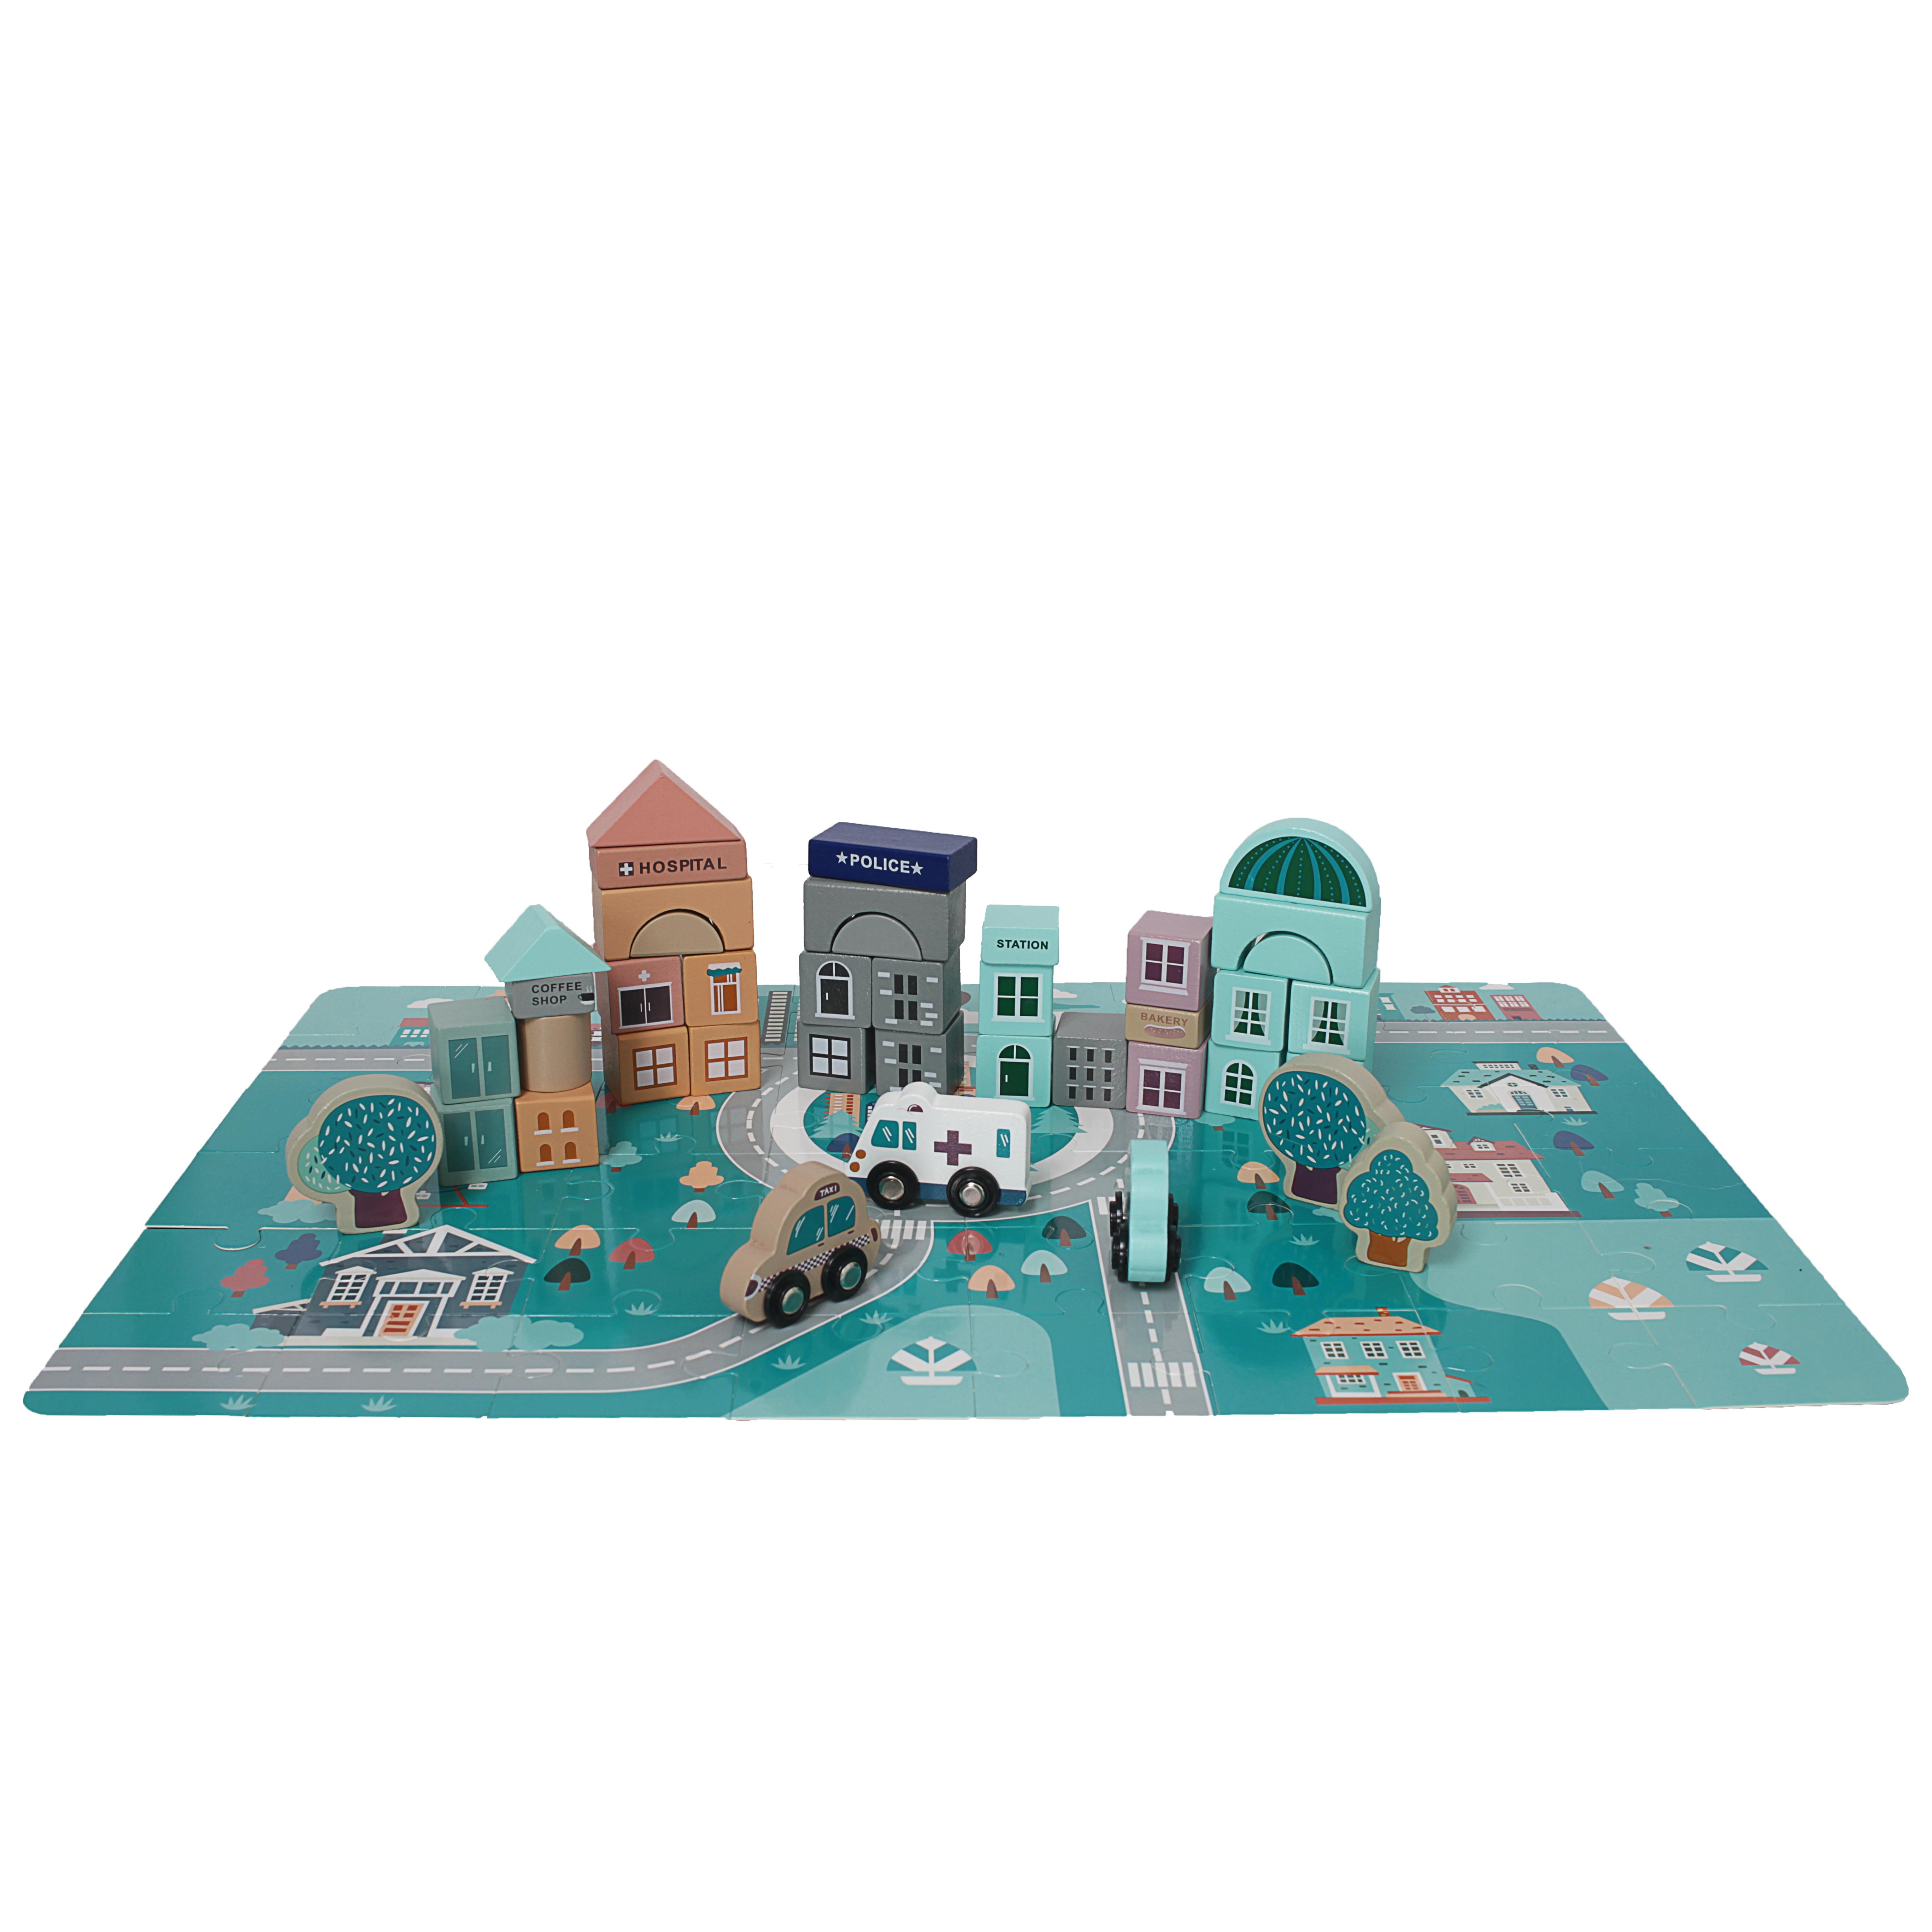 Bộ đồ chơi xây dựng thành phố bằng gỗ